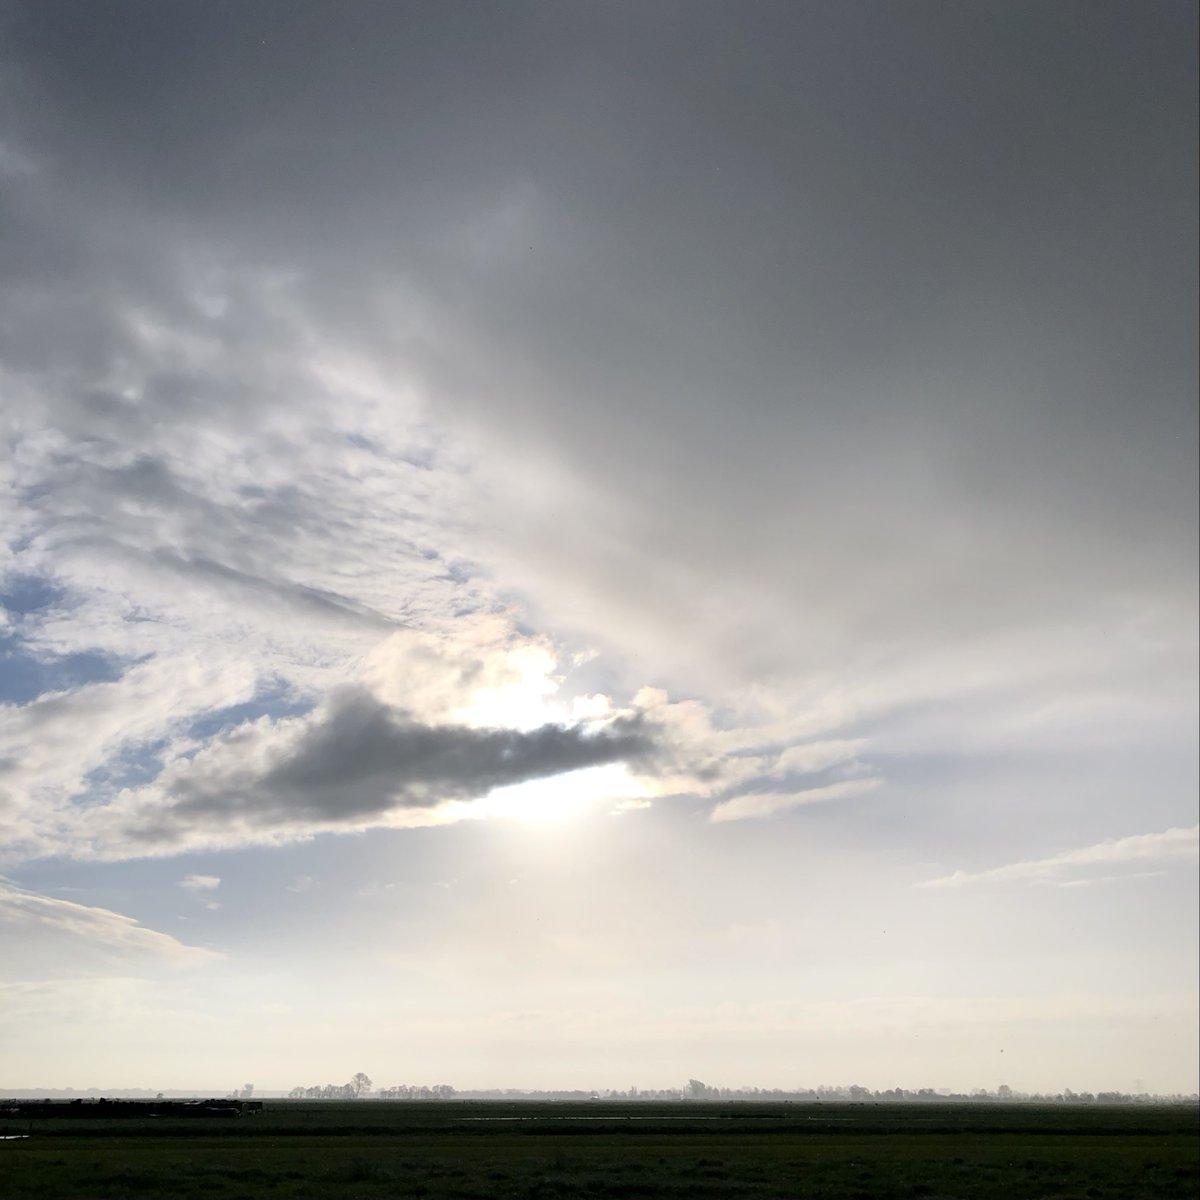 Donkere wolken en zon door elkaar op 25 mei 2021 #goedemorgen #buitenmens #groendijck #driebruggen #platteland #groenehart #santosha #adem https://t.co/3QpjaxsyIq